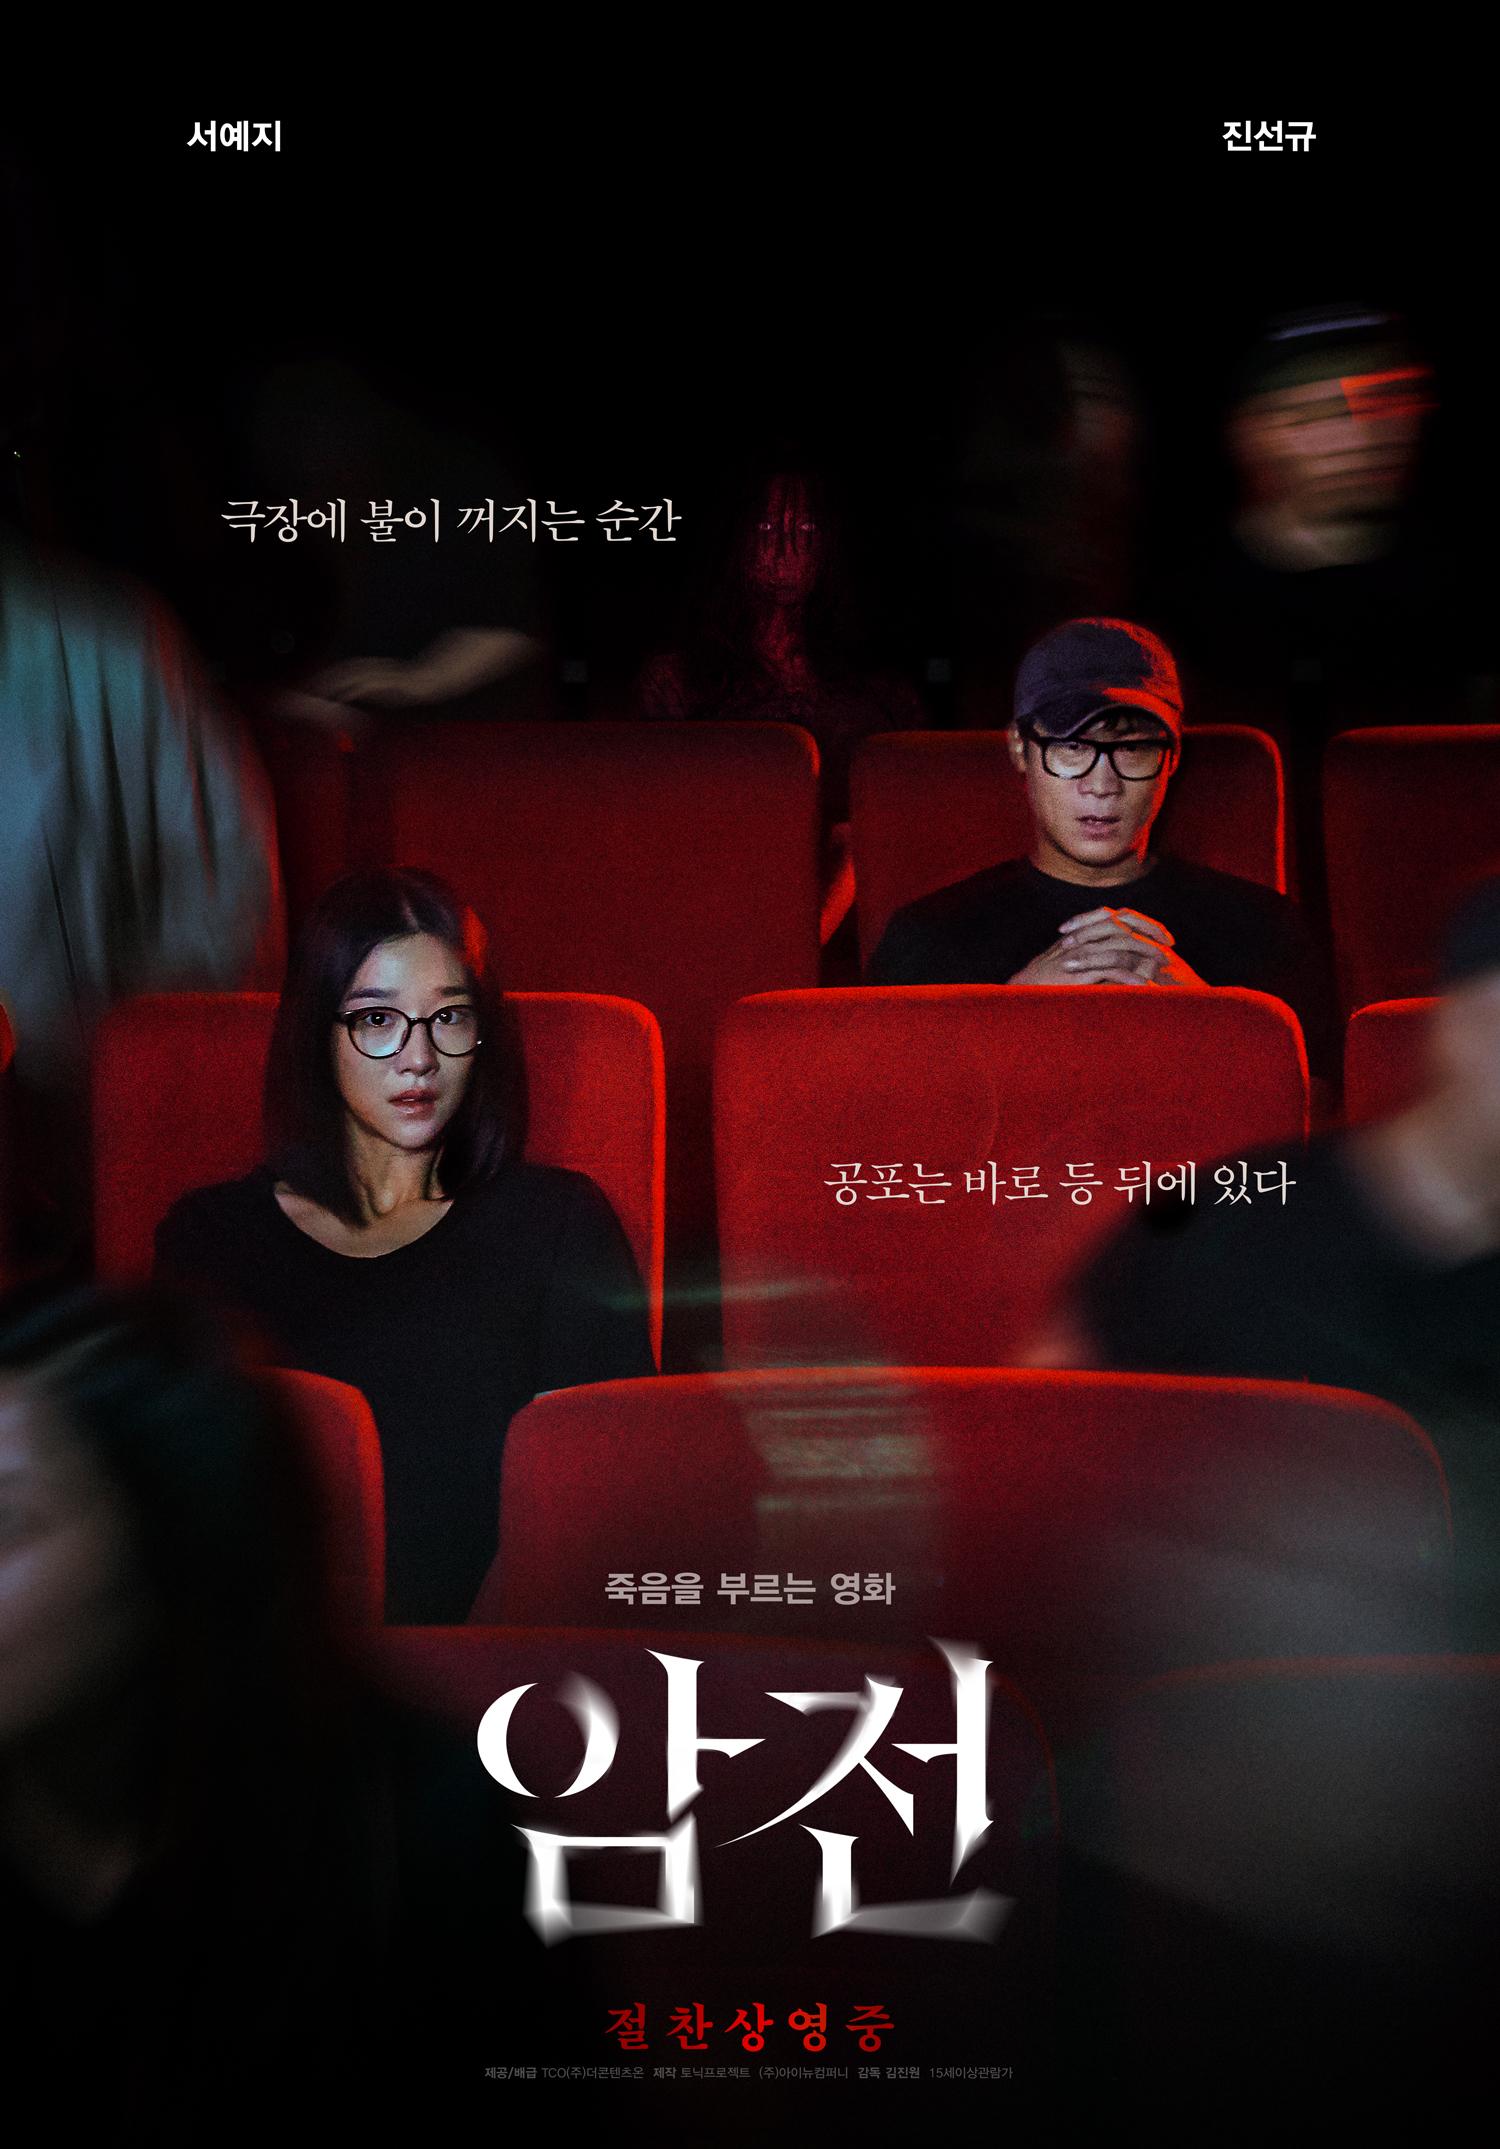 2019 韓國《暗戰》為了尋找被禁止上映的電影之真相,他們陷入了極度殘酷的恐懼中!